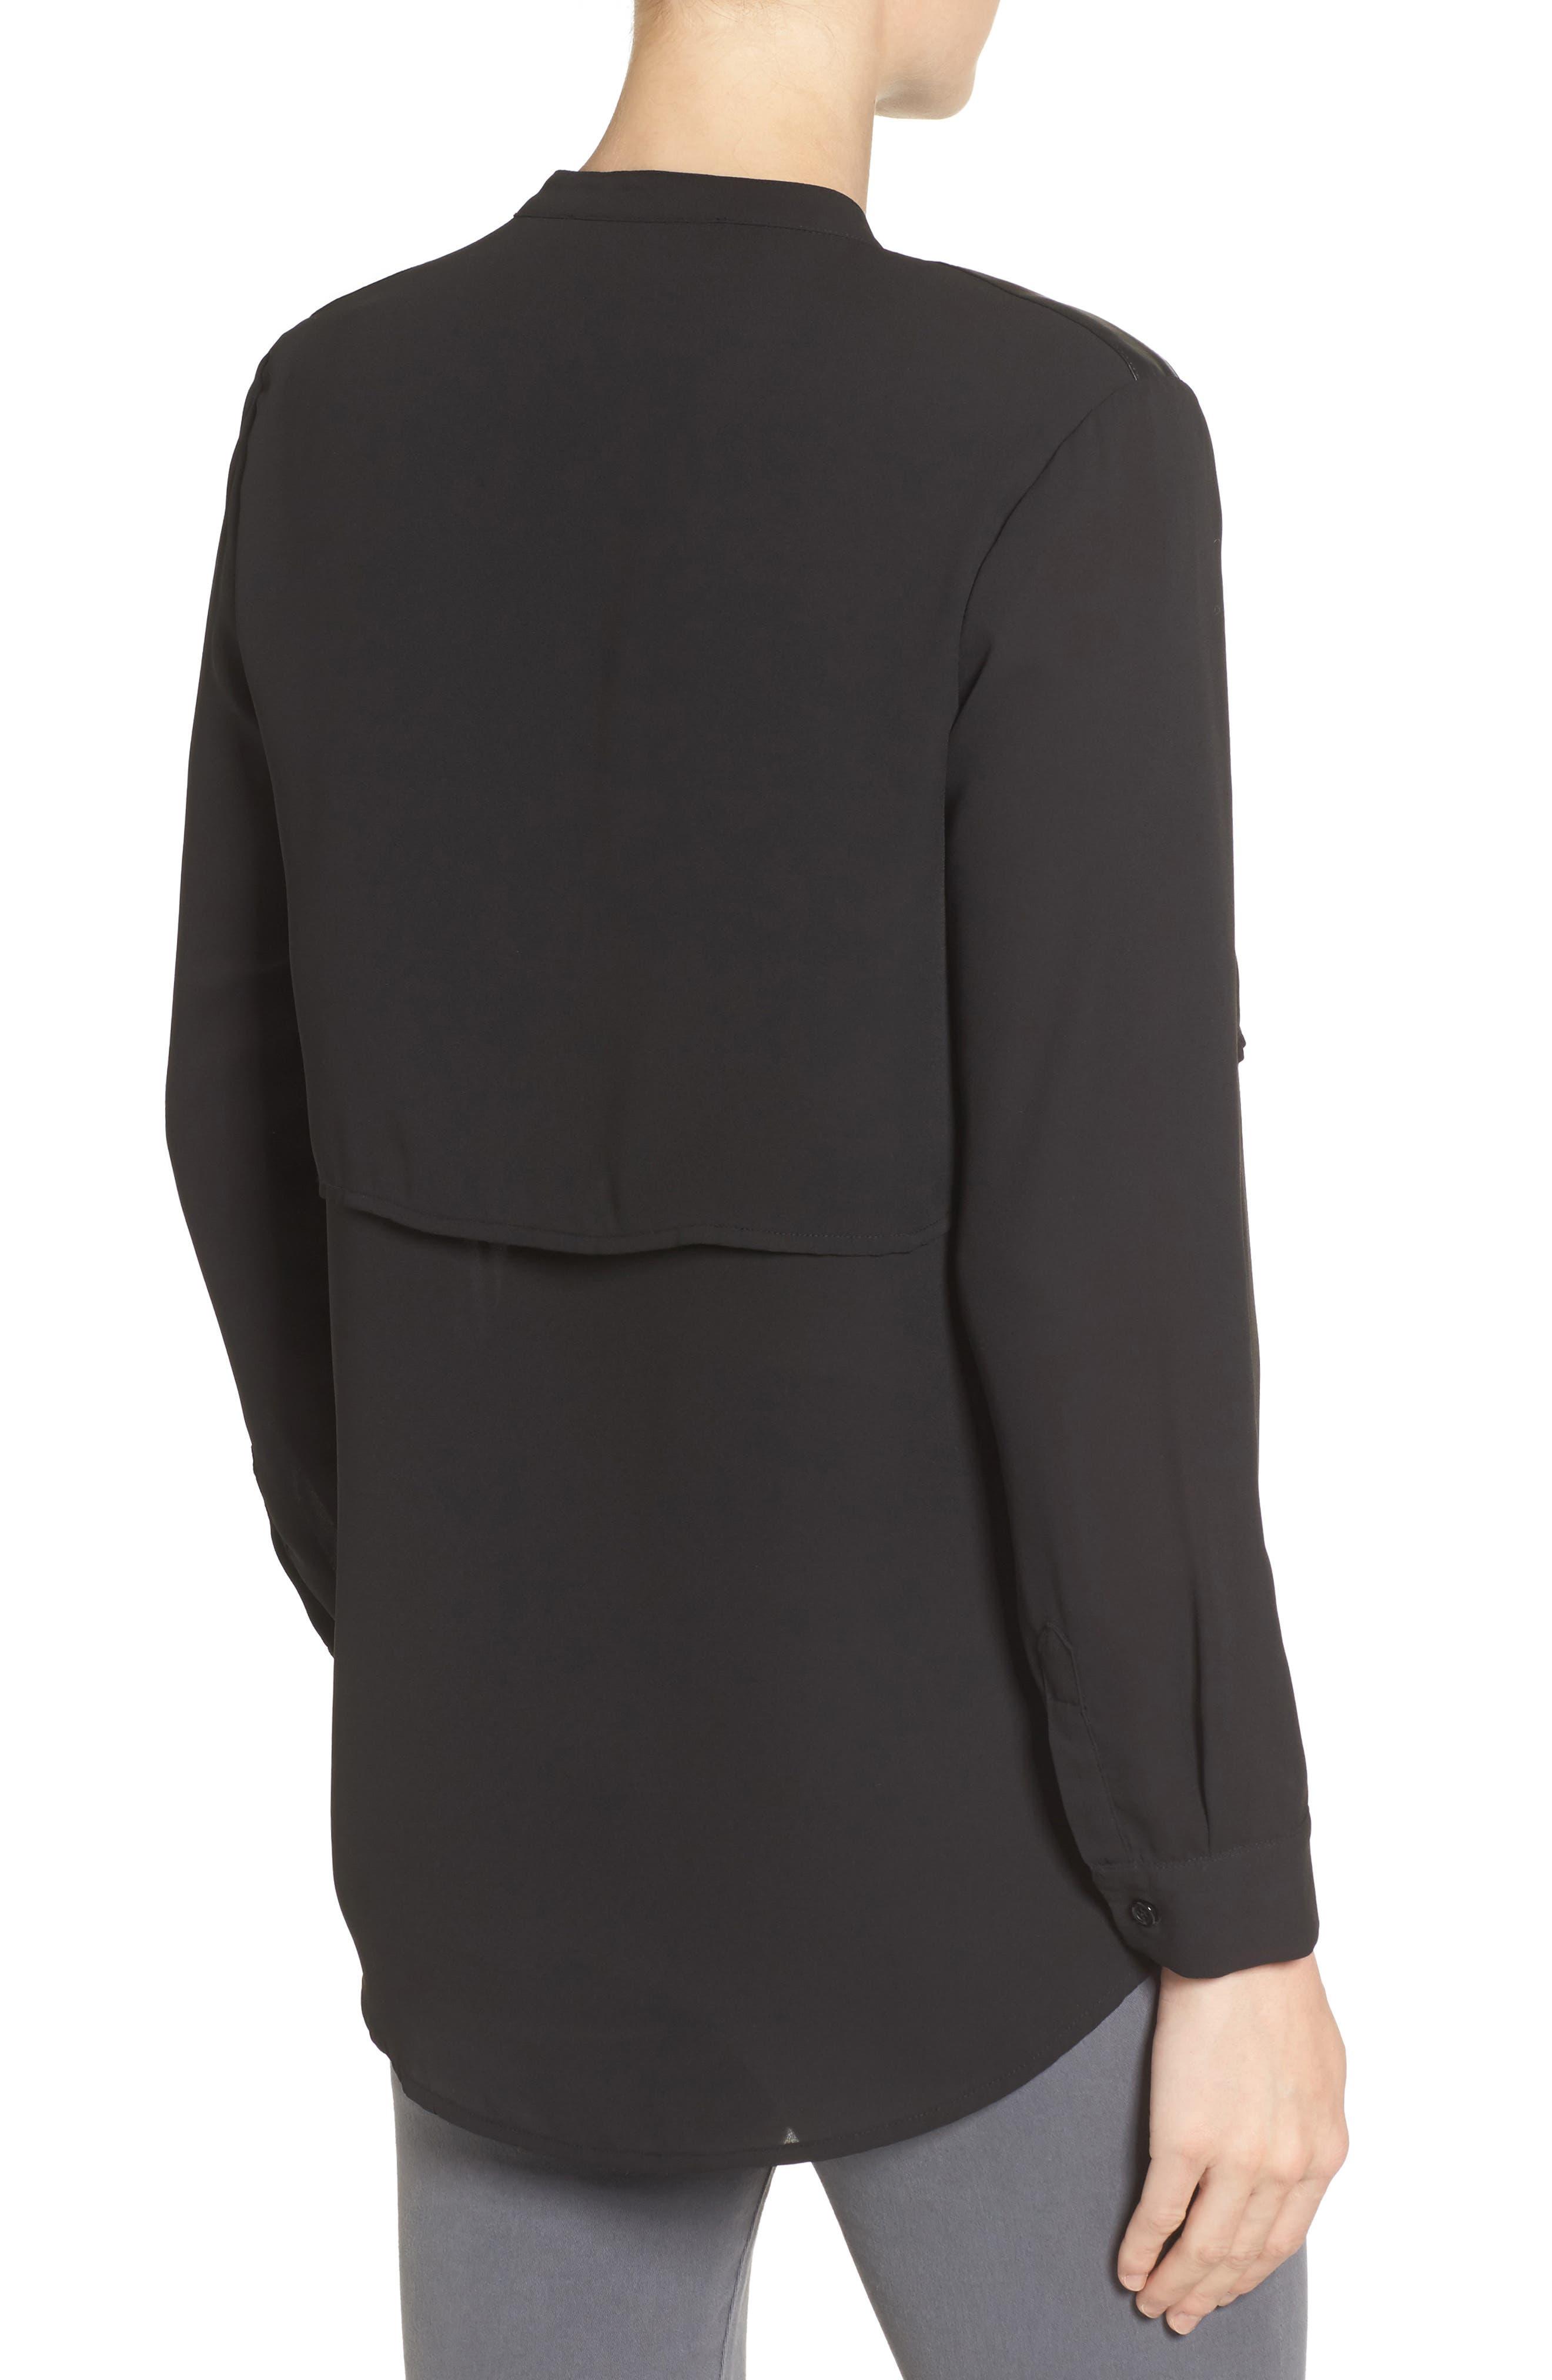 Jenni Maternity/Nursing Shirt,                             Alternate thumbnail 2, color,                             BLACK